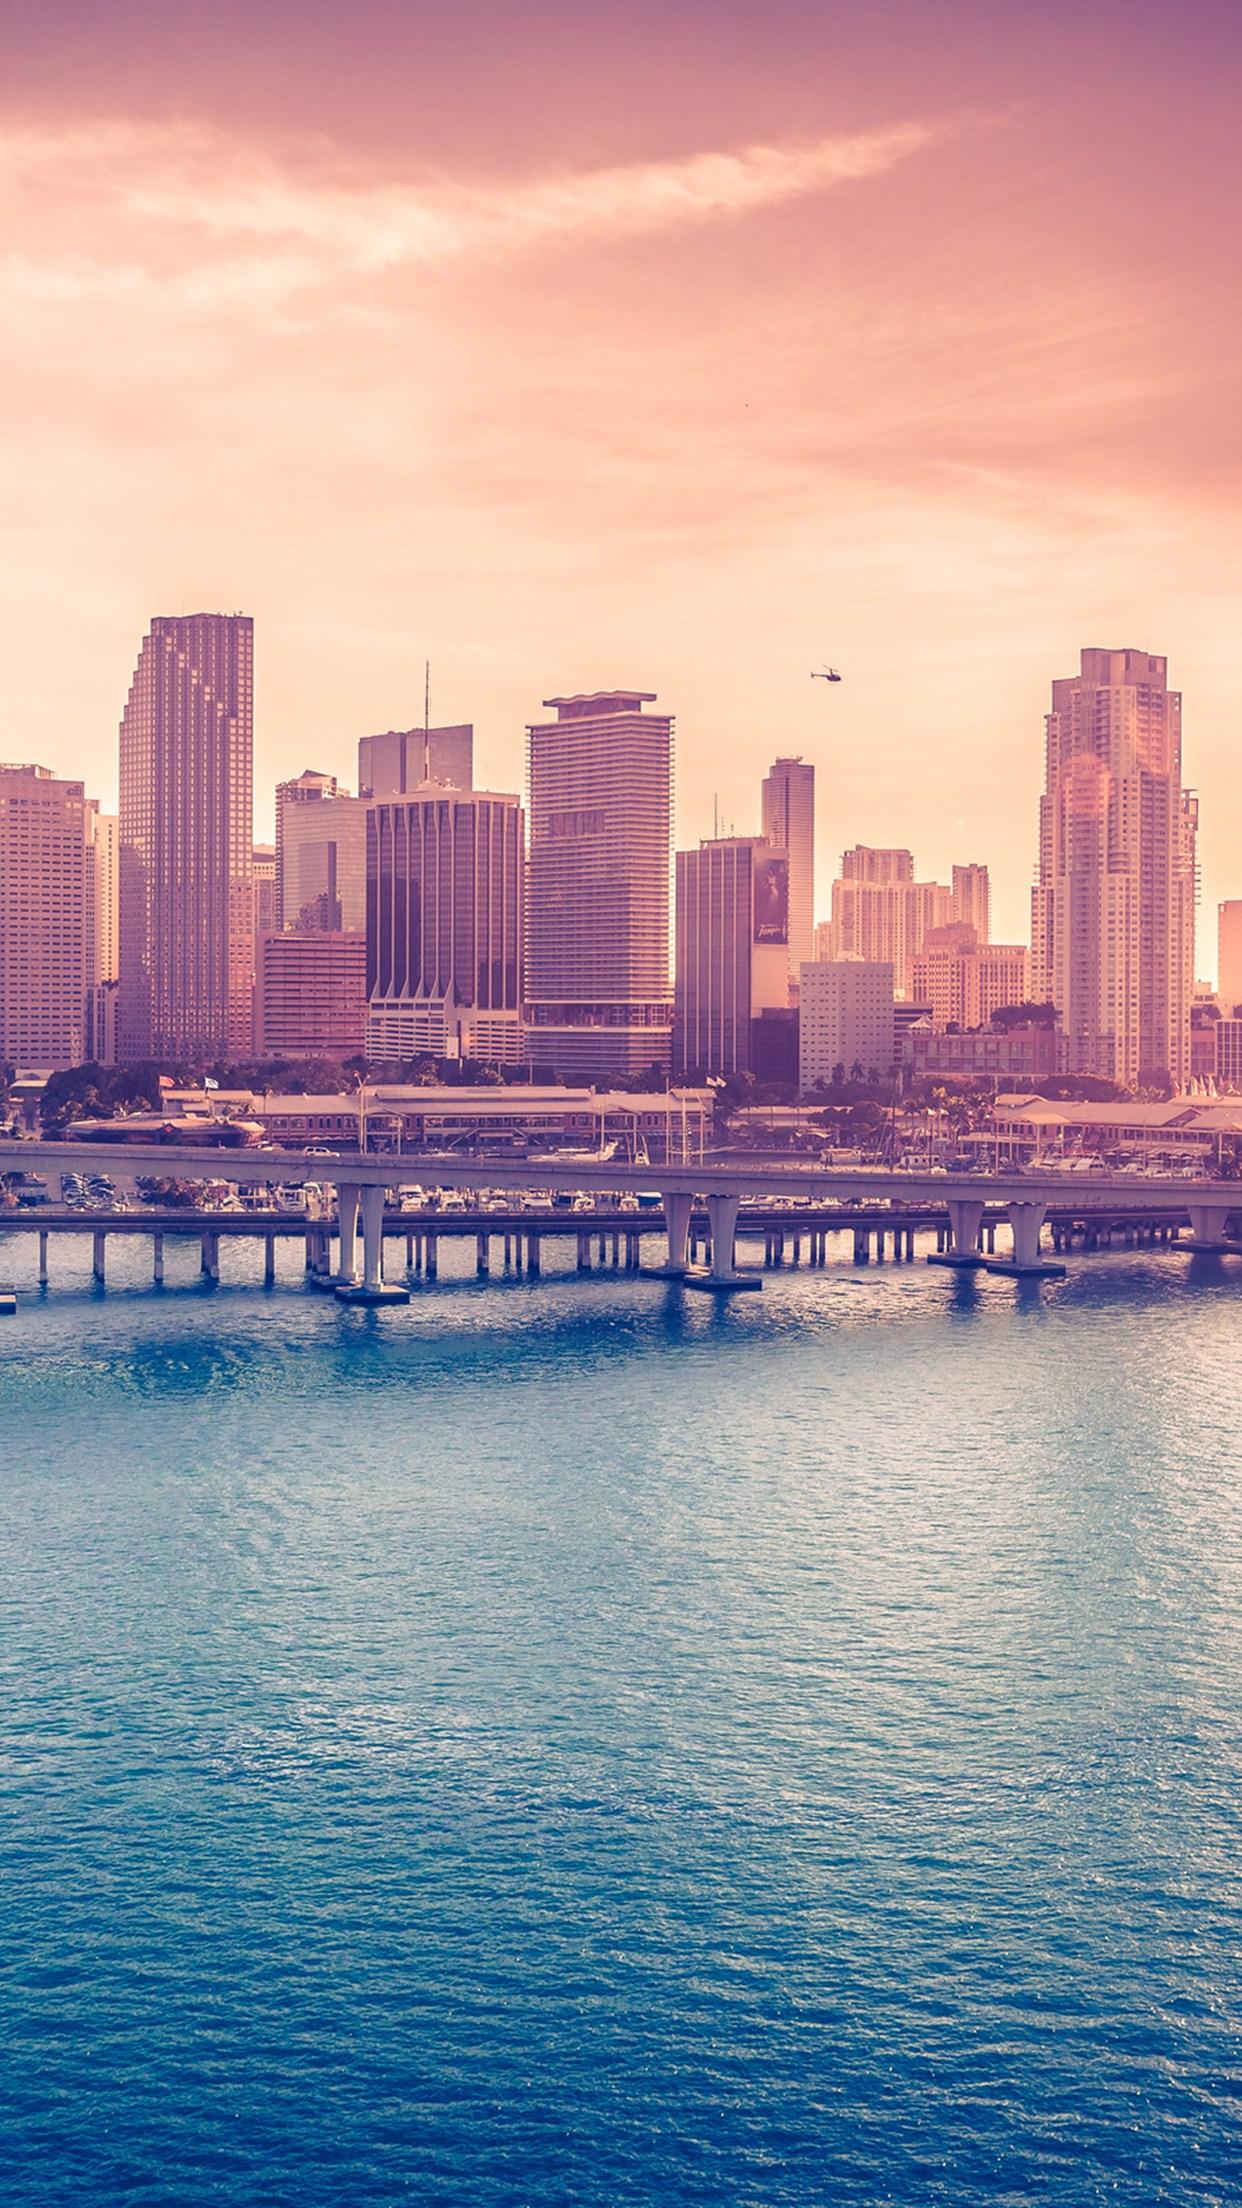 miami downtown 3Wallpapers iPhone Parallax Miami Downtown